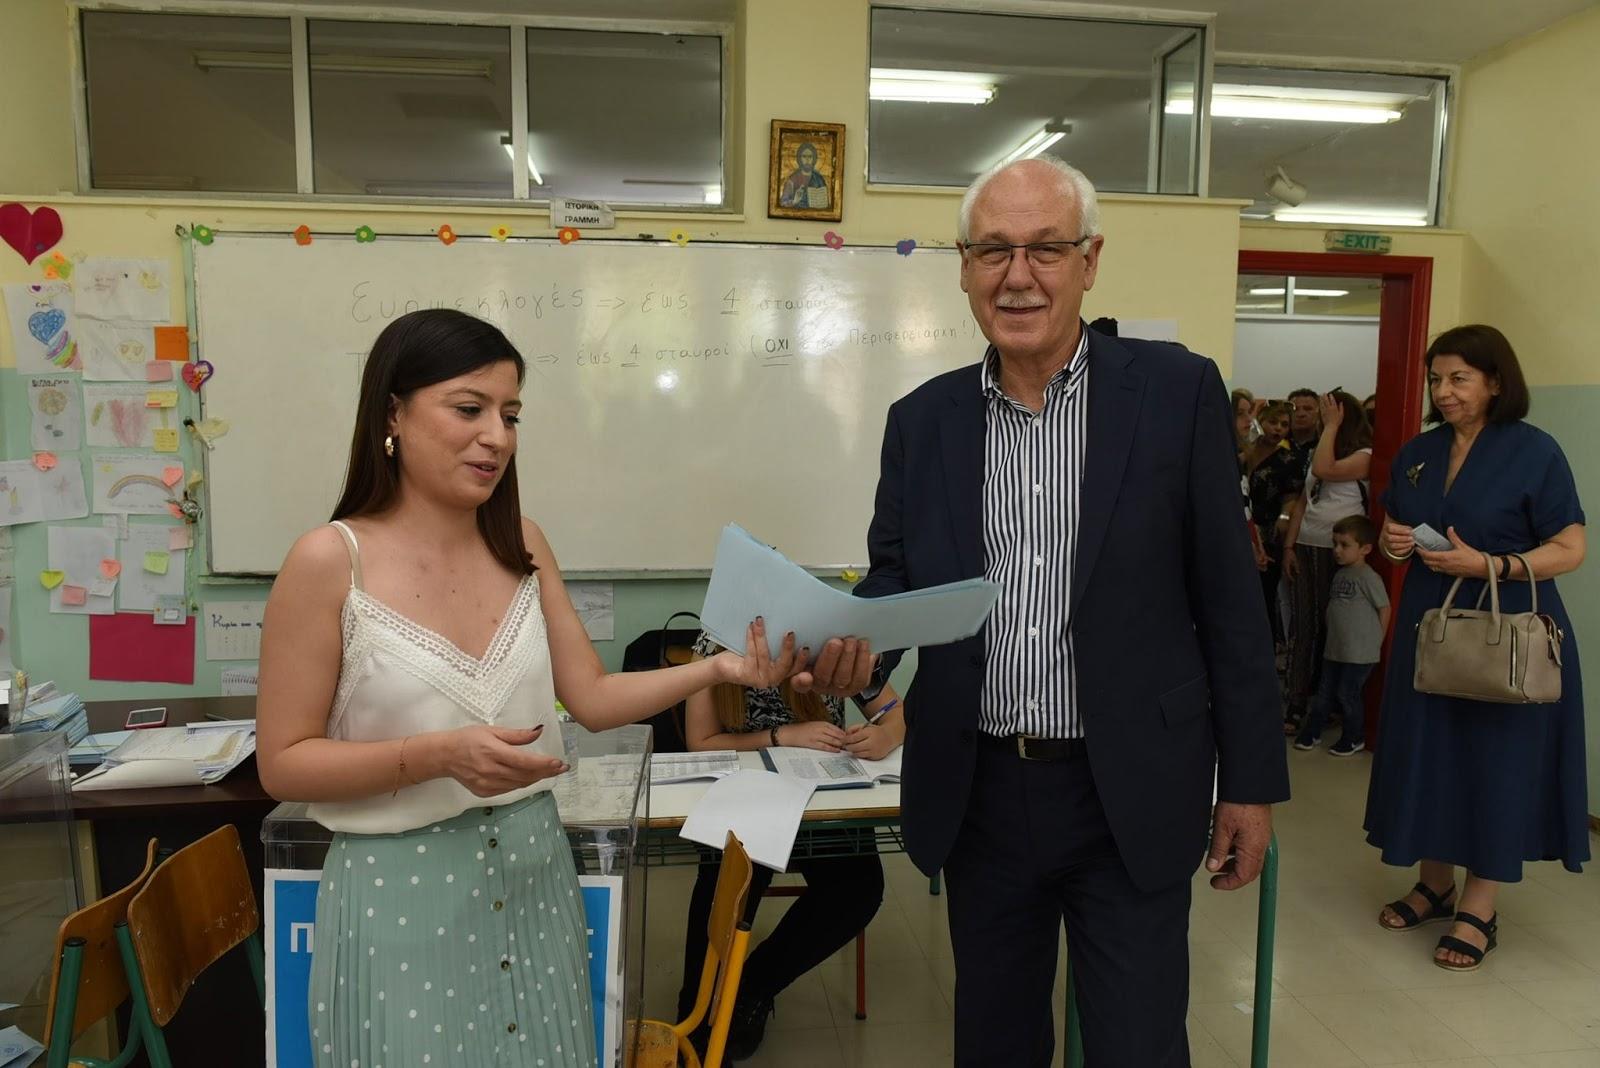 Το εκλογικό του δικαίωμα άσκησε ο Δήμαρχος Λαρισαίων (ΦΩΤΟ)